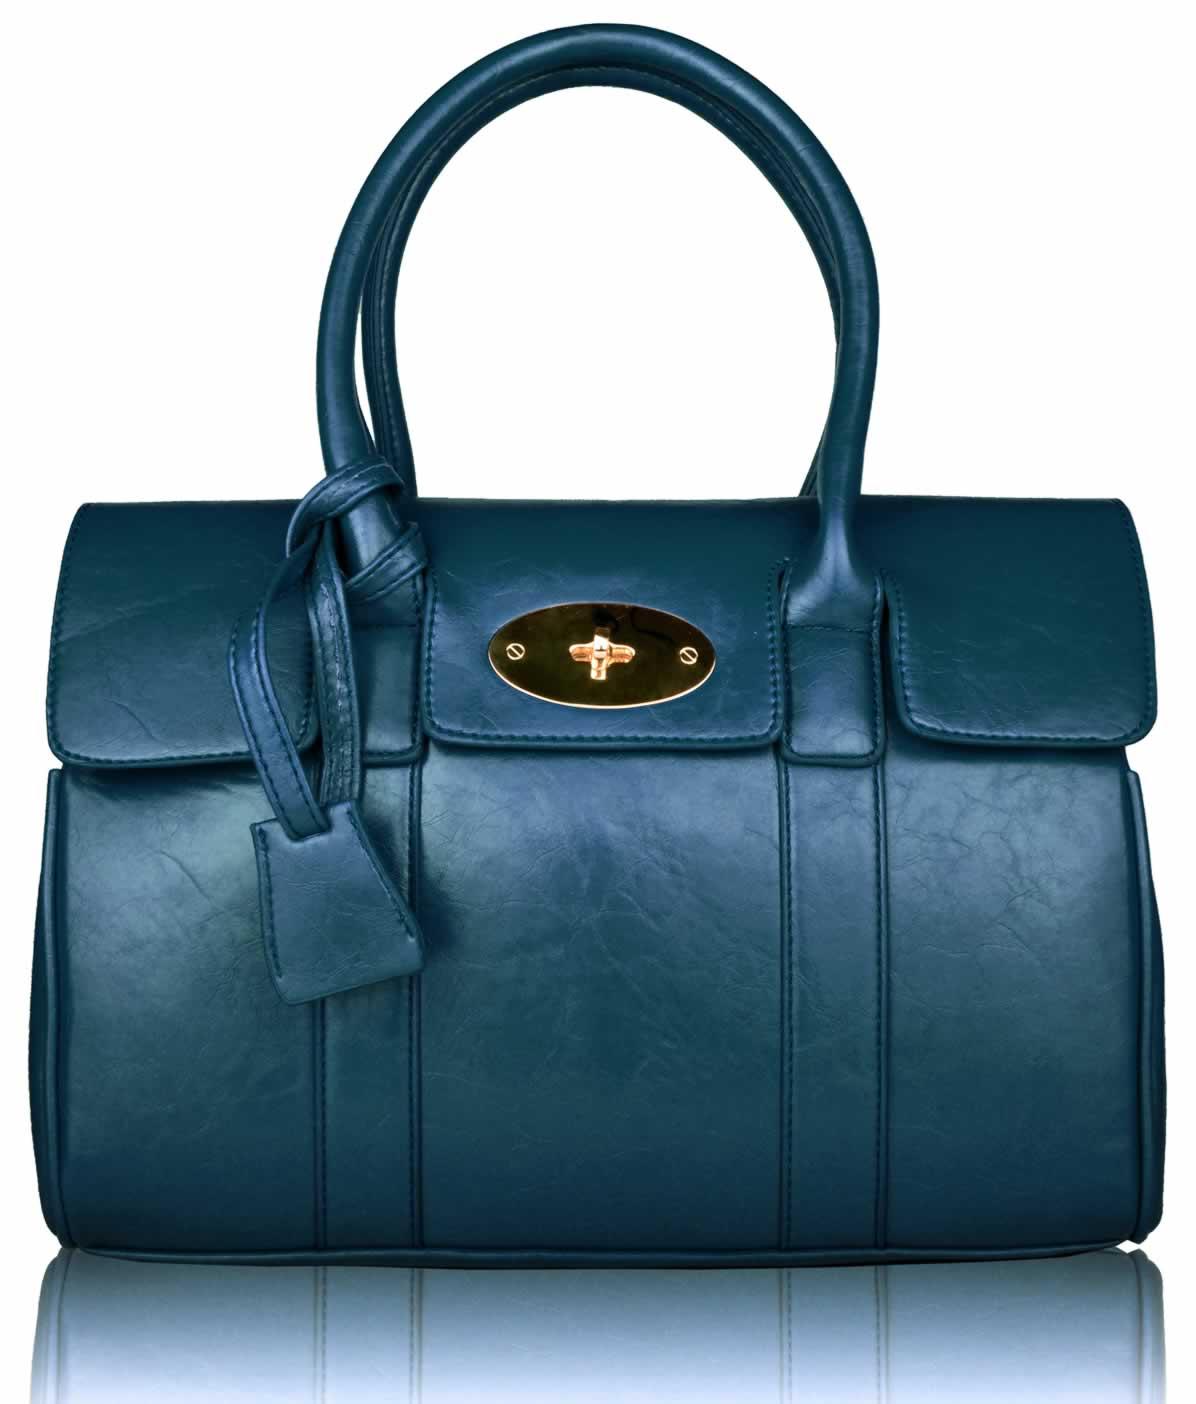 Home HANDBAGS LS0045- Teal Blue Ladies Fashion Satchel Bag